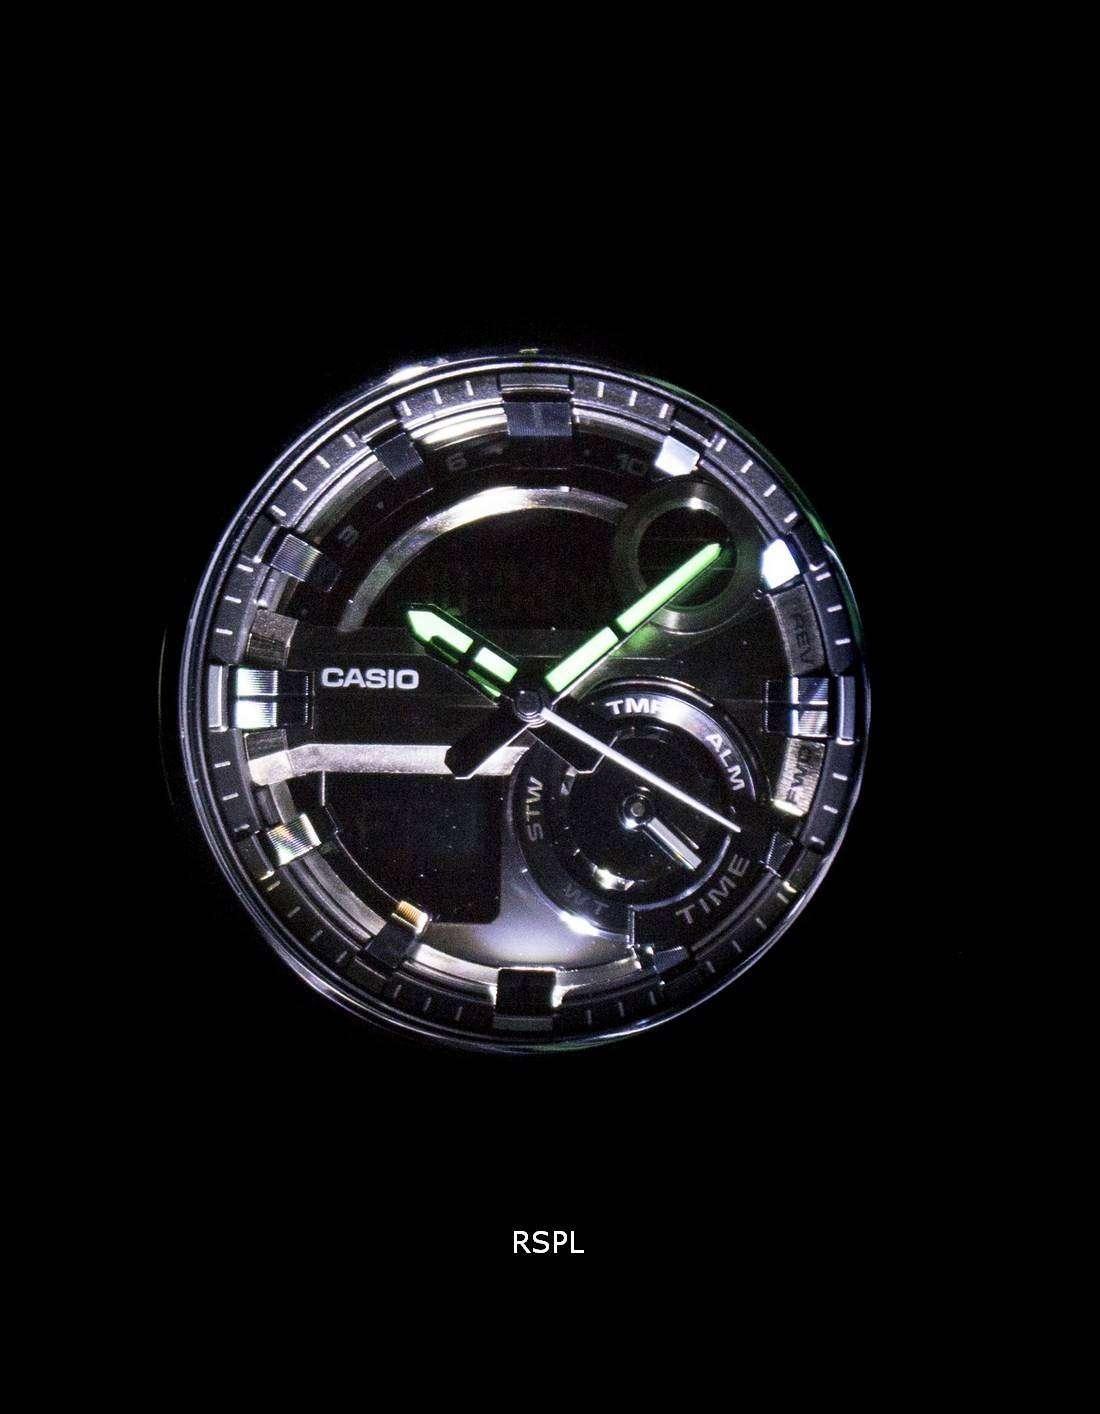 Casio G-Shock G-Steel Analog-Digital World Time GST-210M-1A Men's Watch